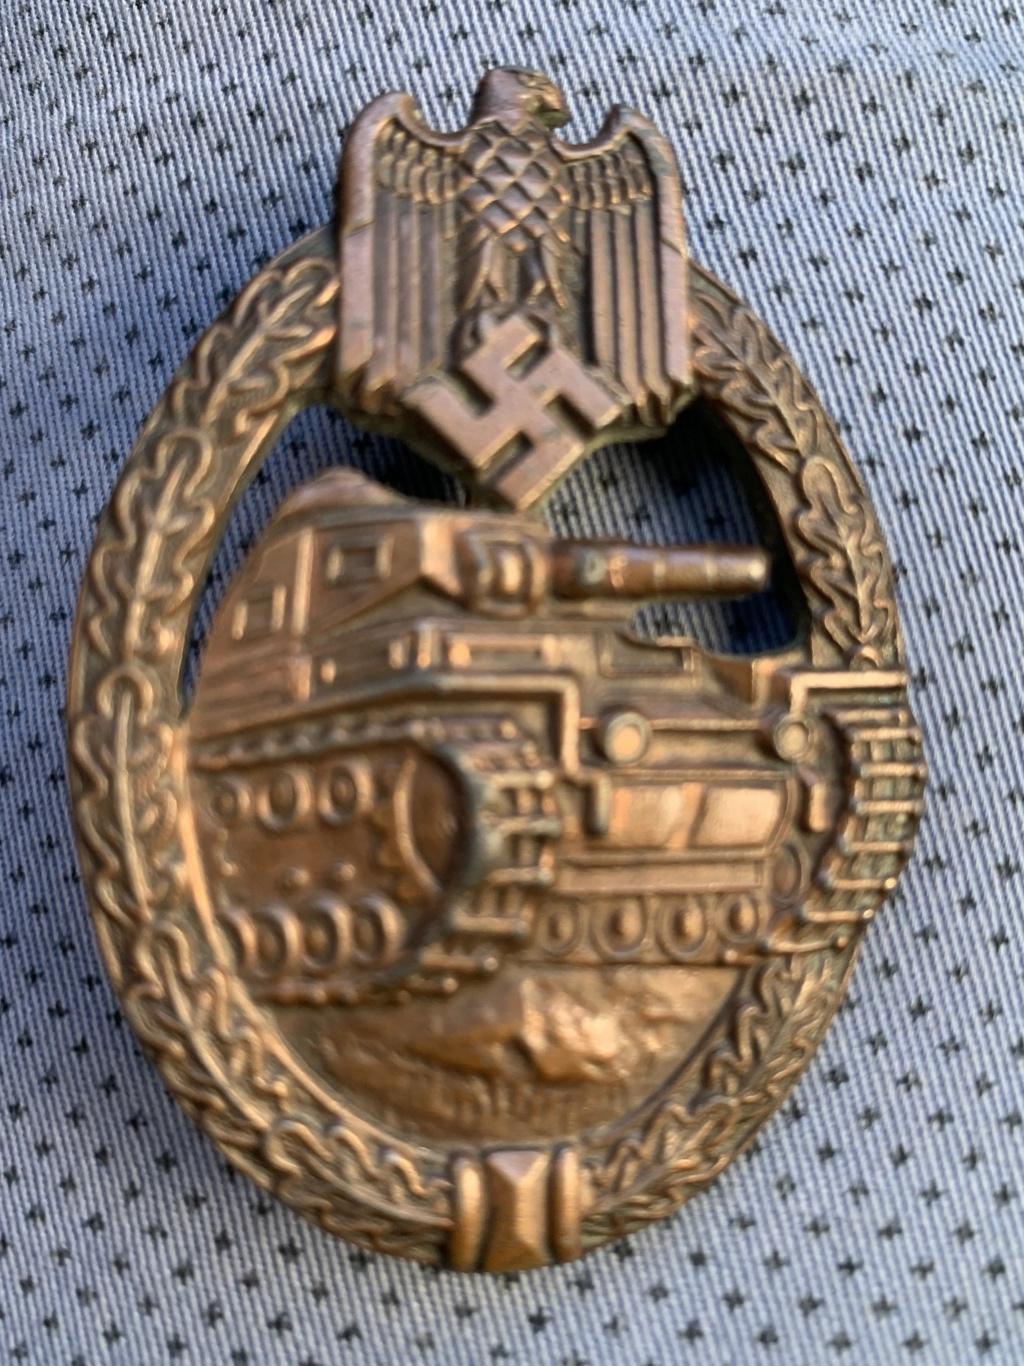 Panzer assault badge bronze copie ? B0ec6010